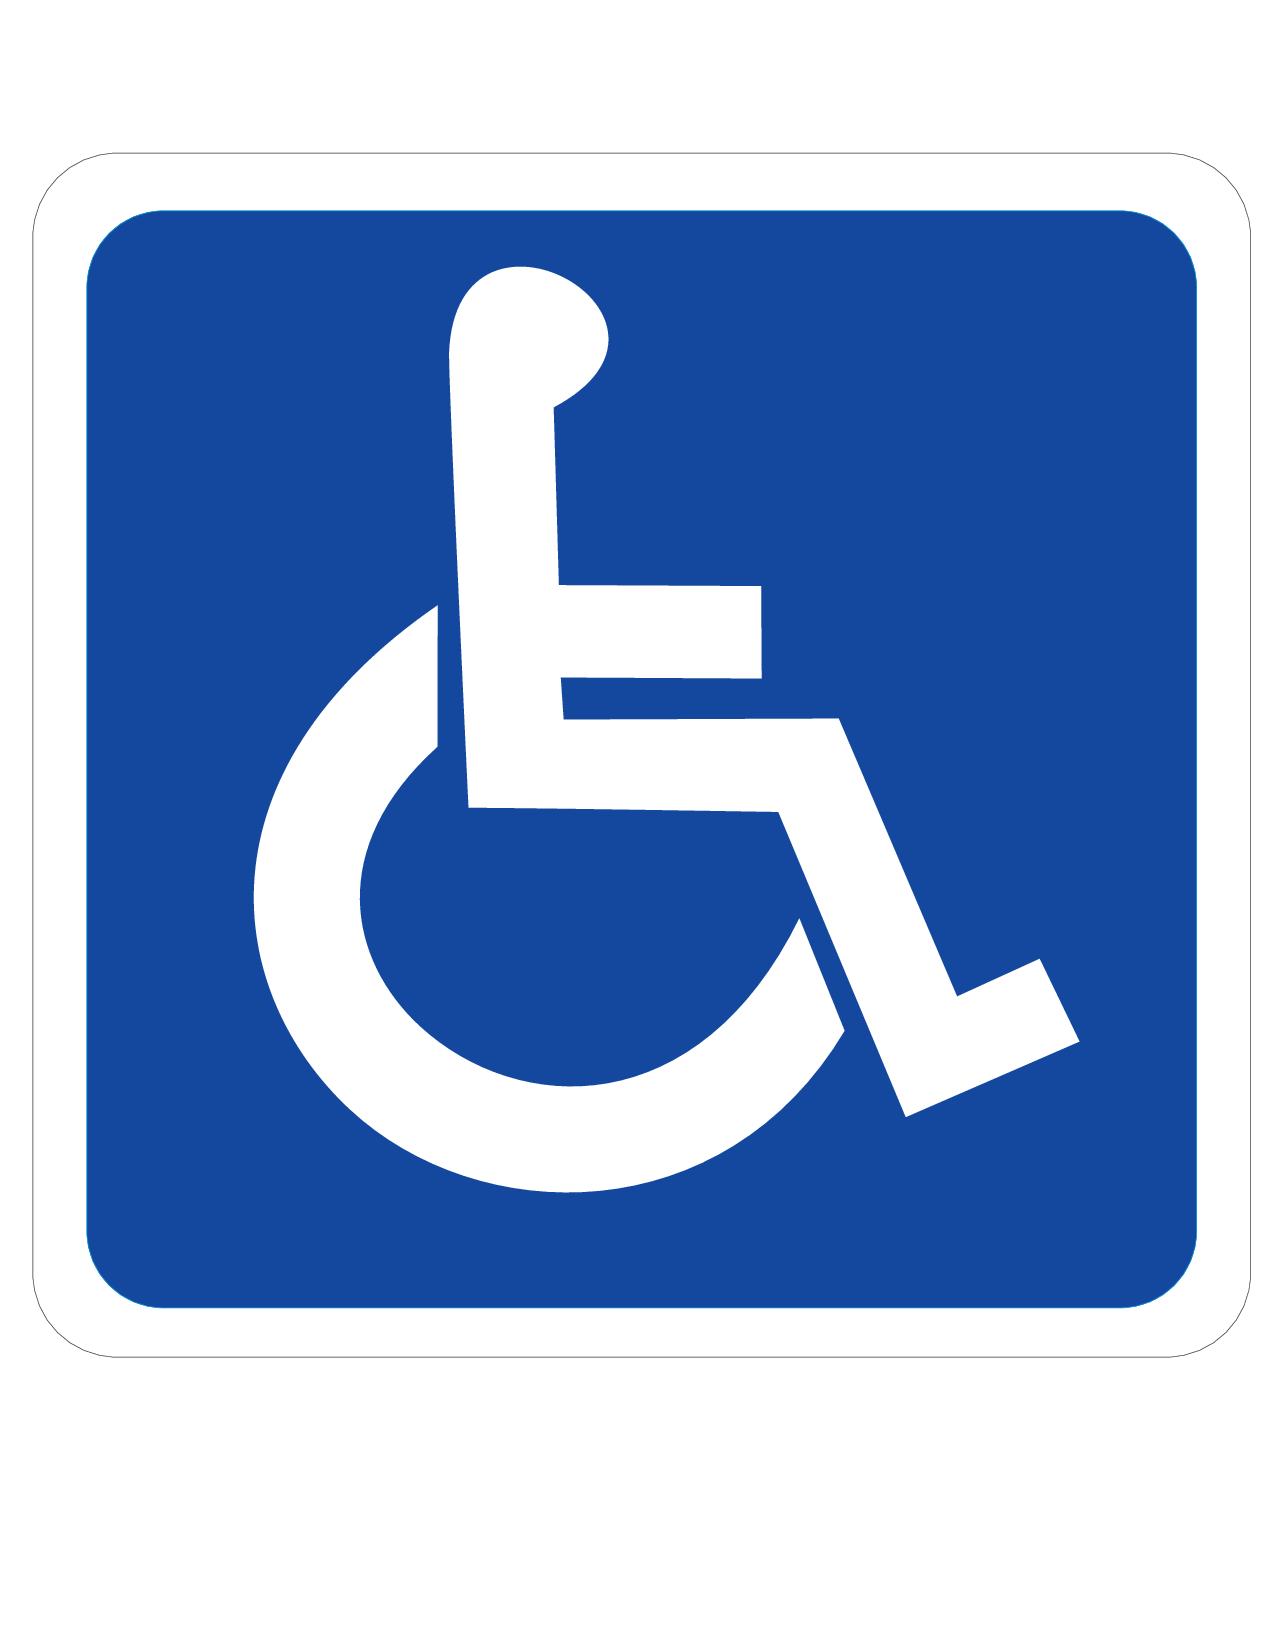 Handicap entrance at back of building.